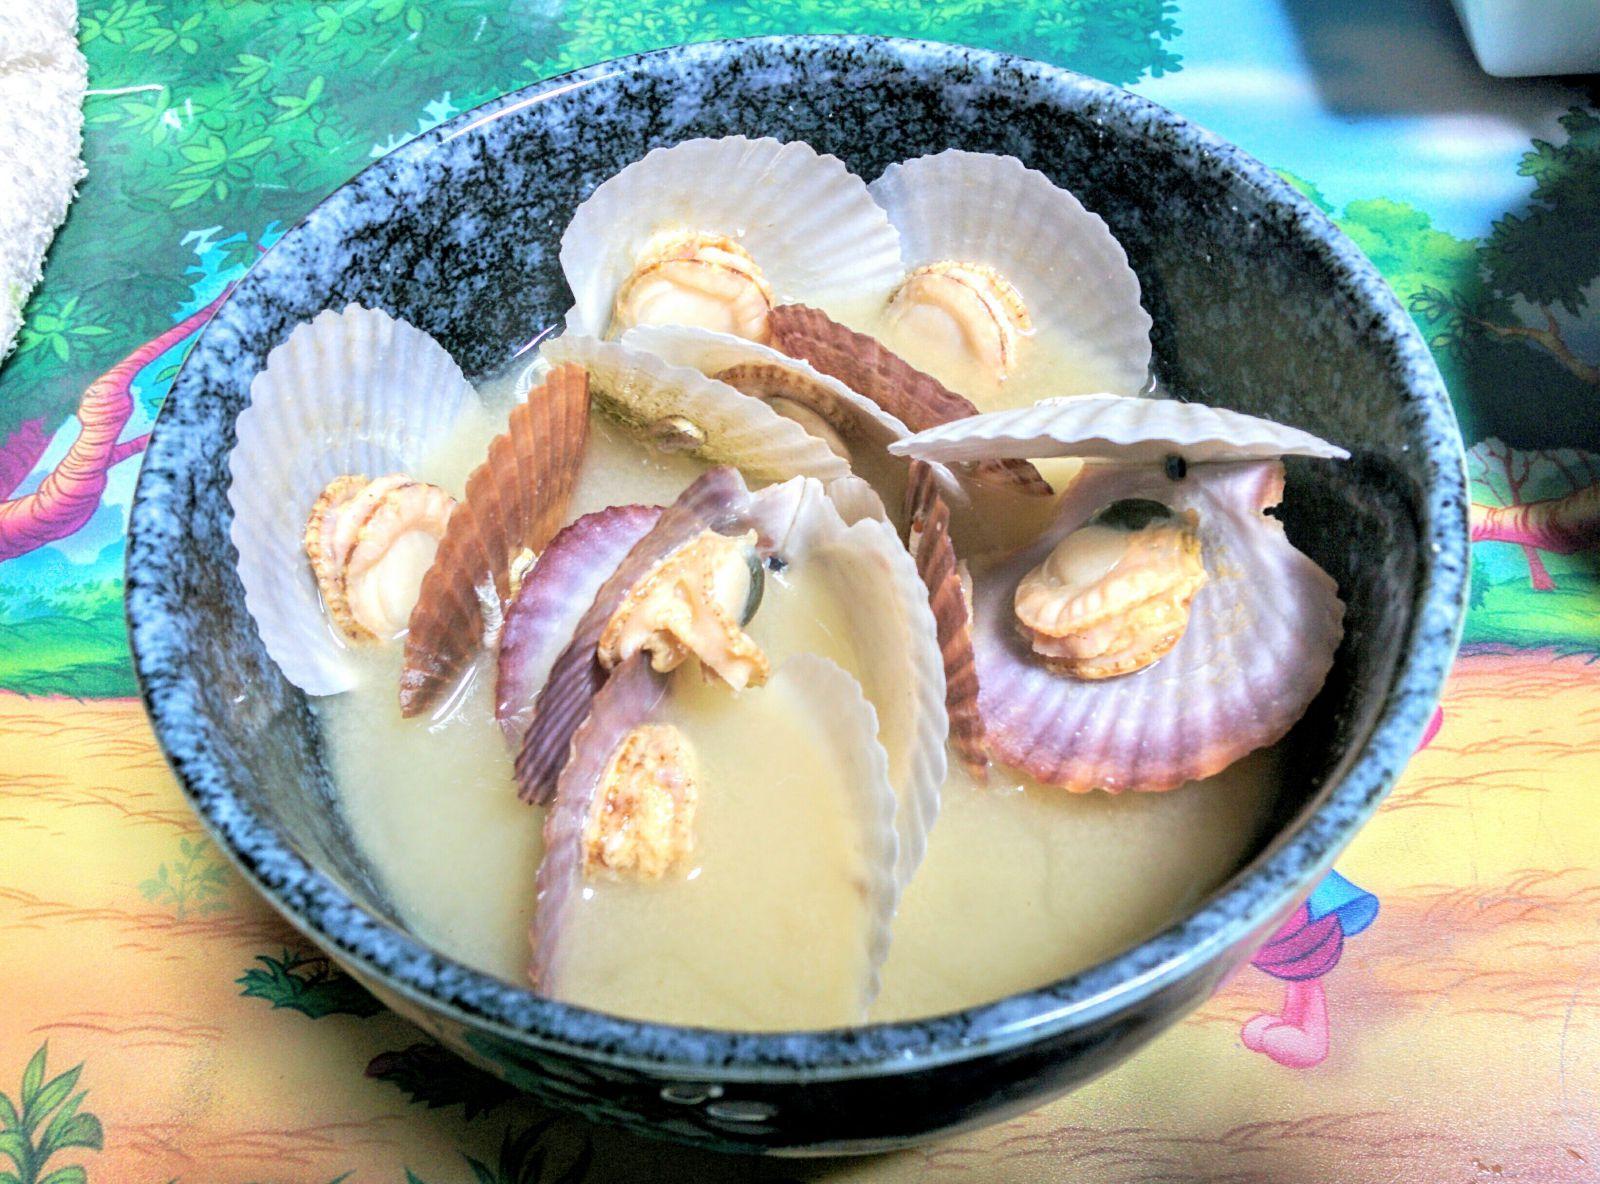 【小樽】ホタテ貝の稚貝で味噌汁を作りました。